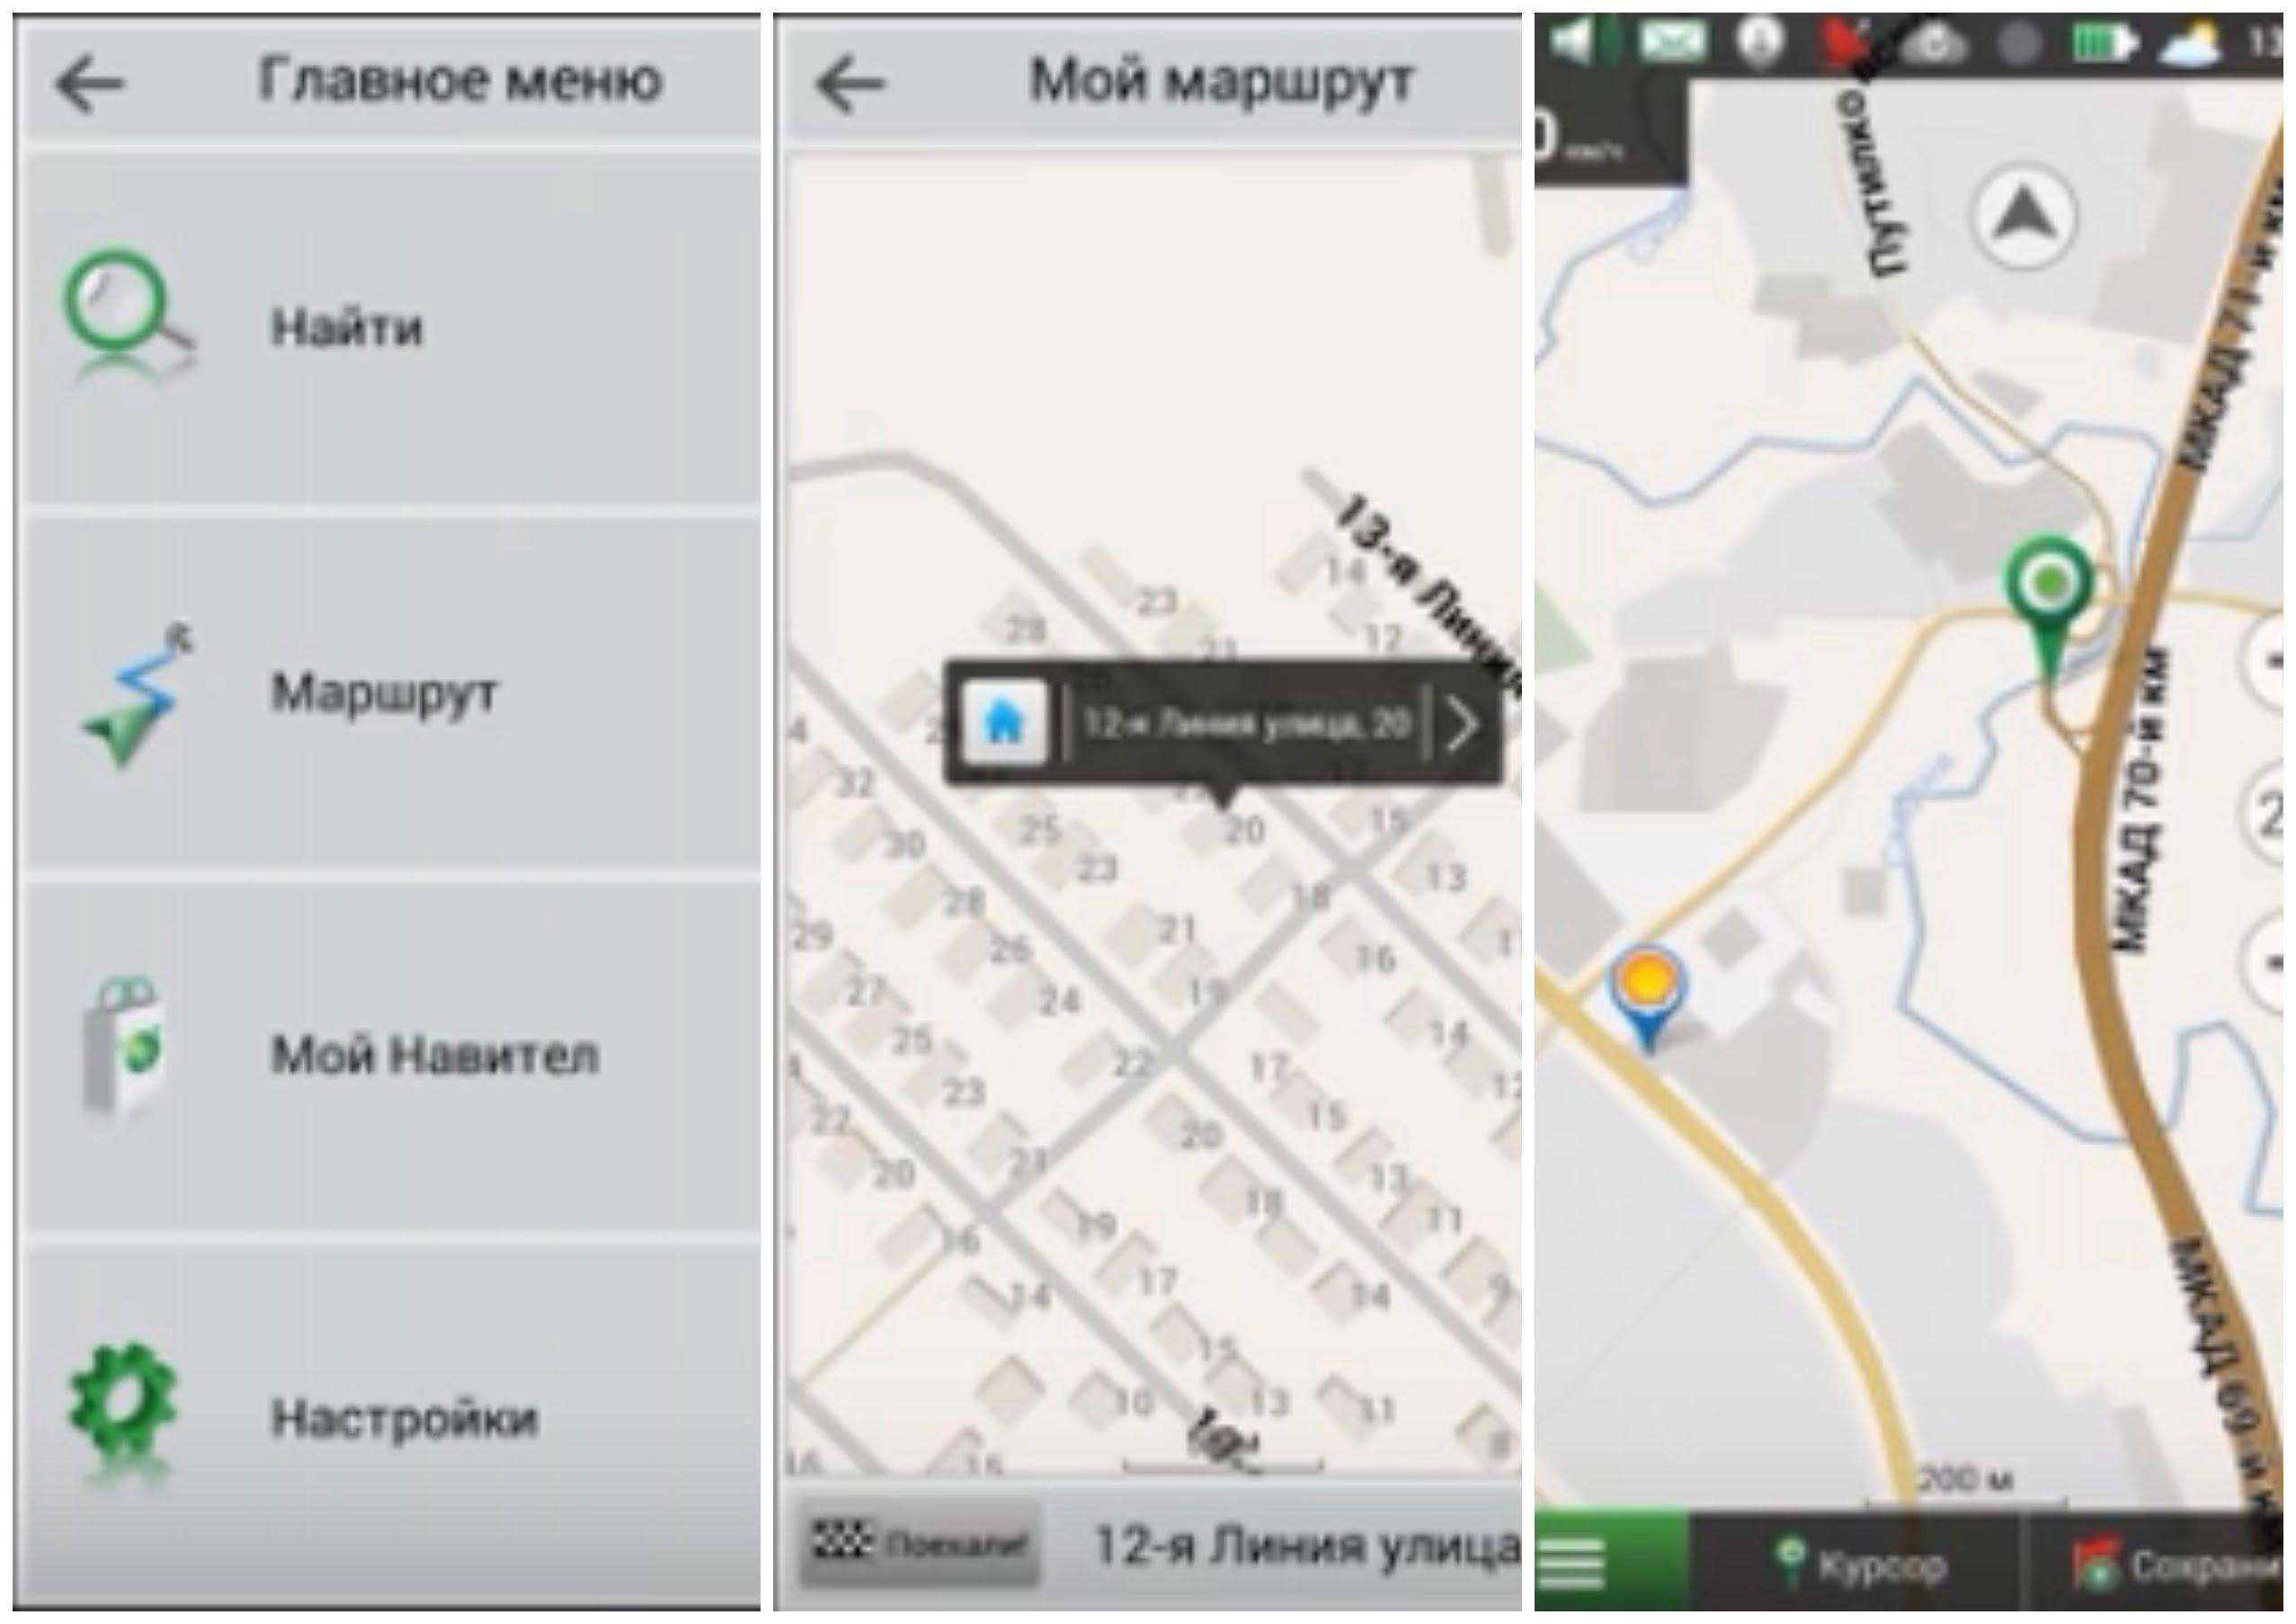 На фото приложение Navitel